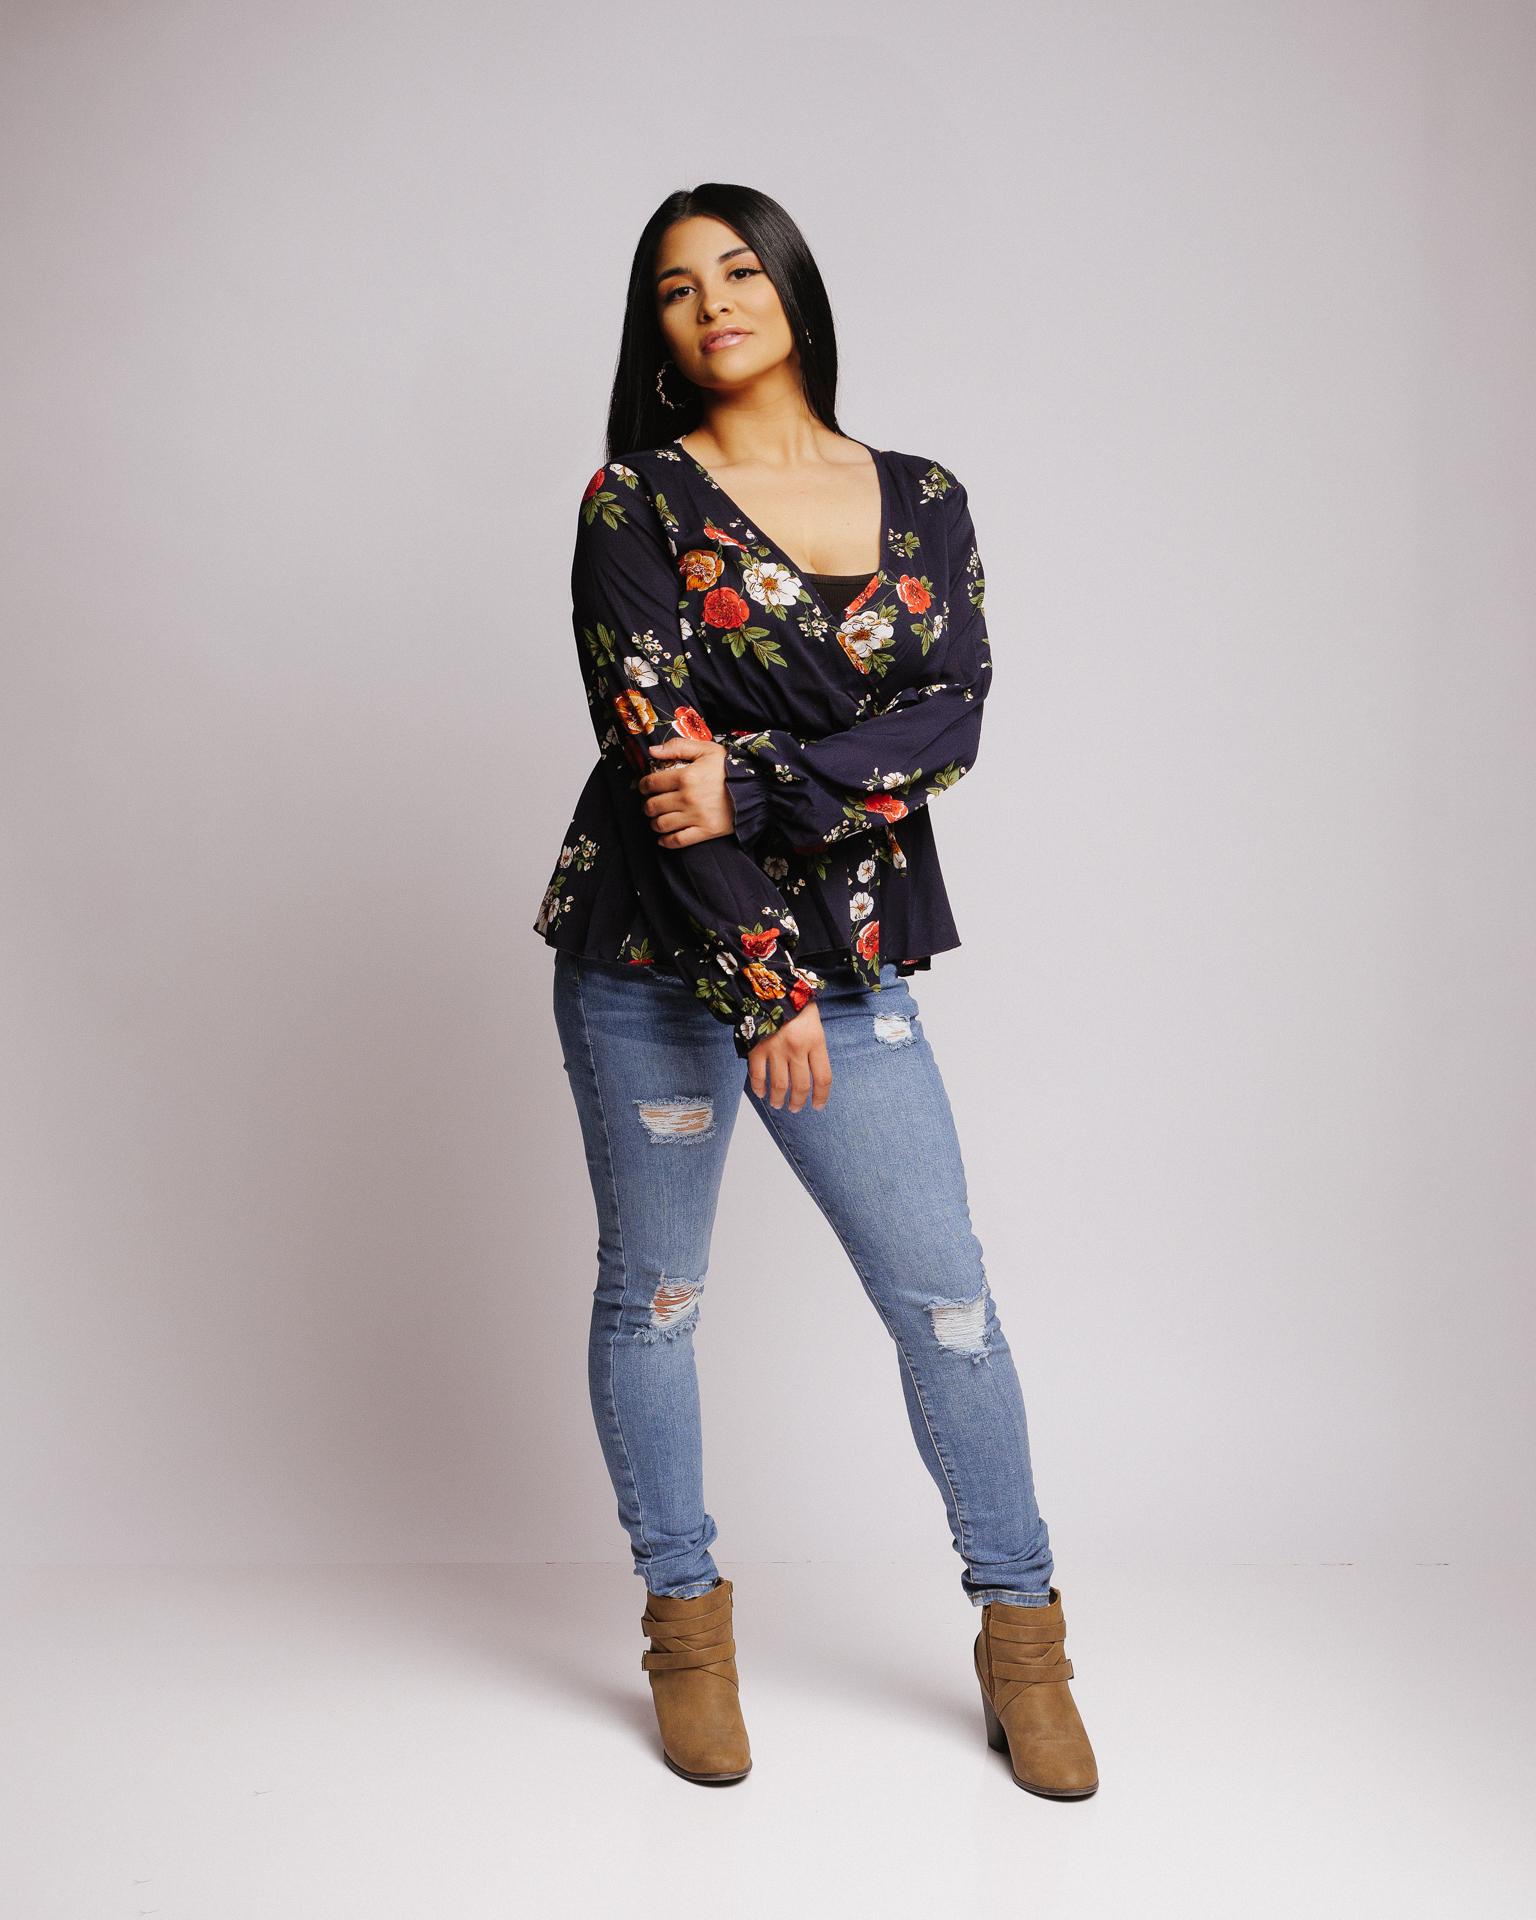 TYA - 2020-12-19 - Margarita Gonzales-14